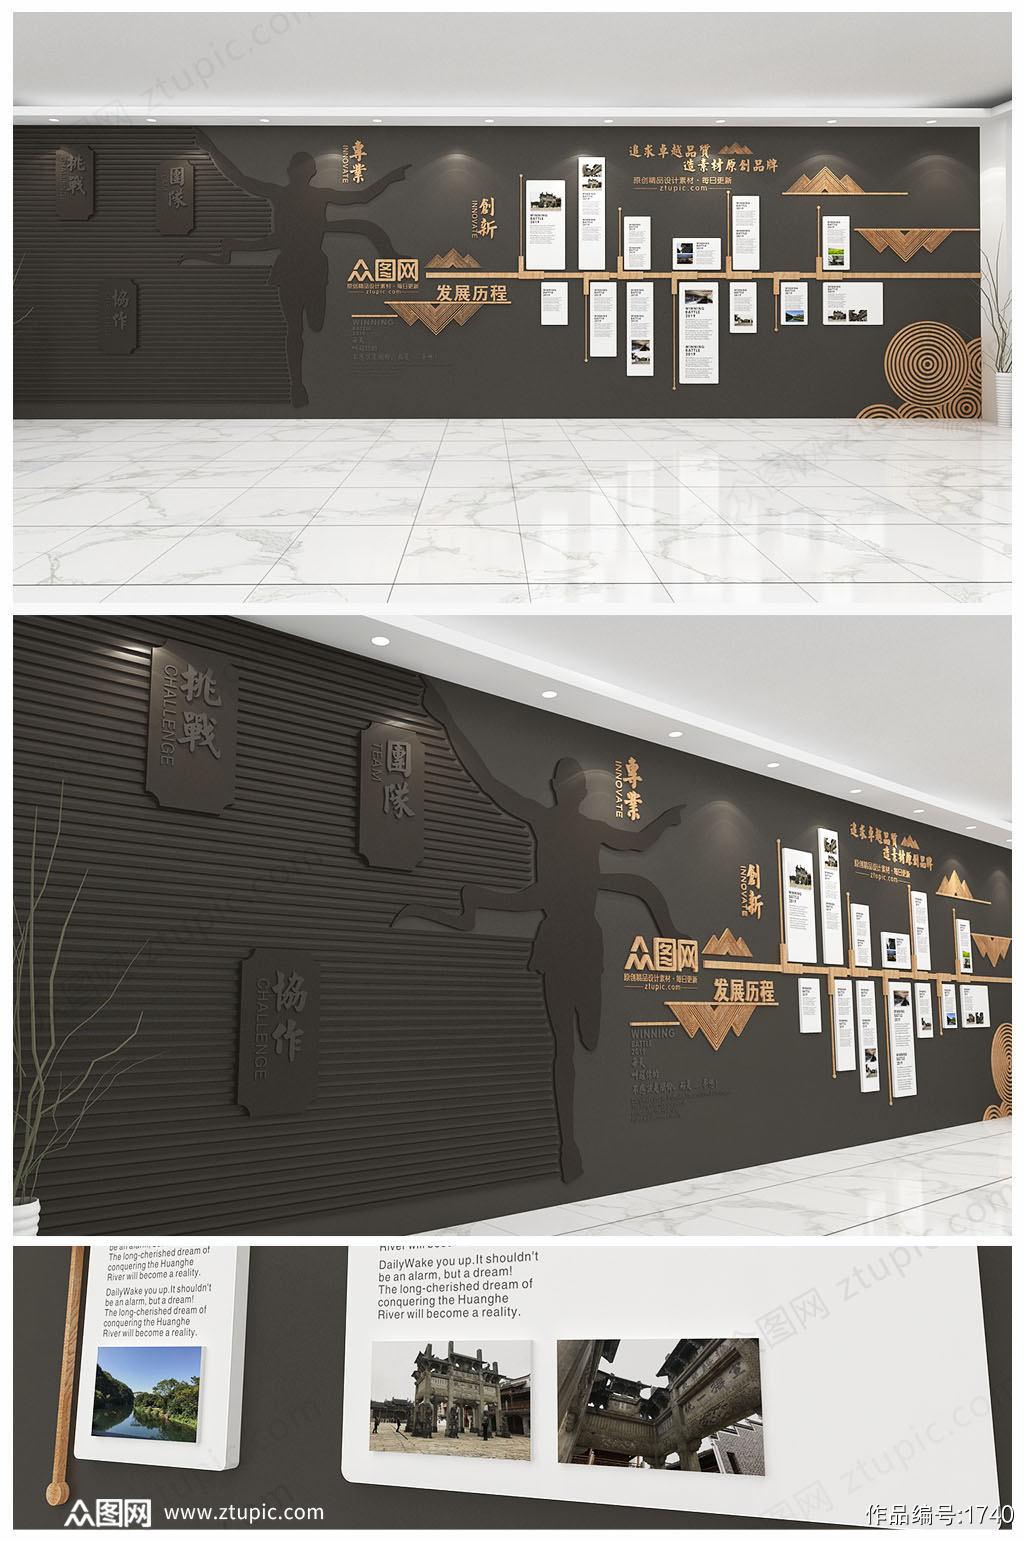 黑色创意企业发展历程大型办公形象墙3D企业文化墙素材